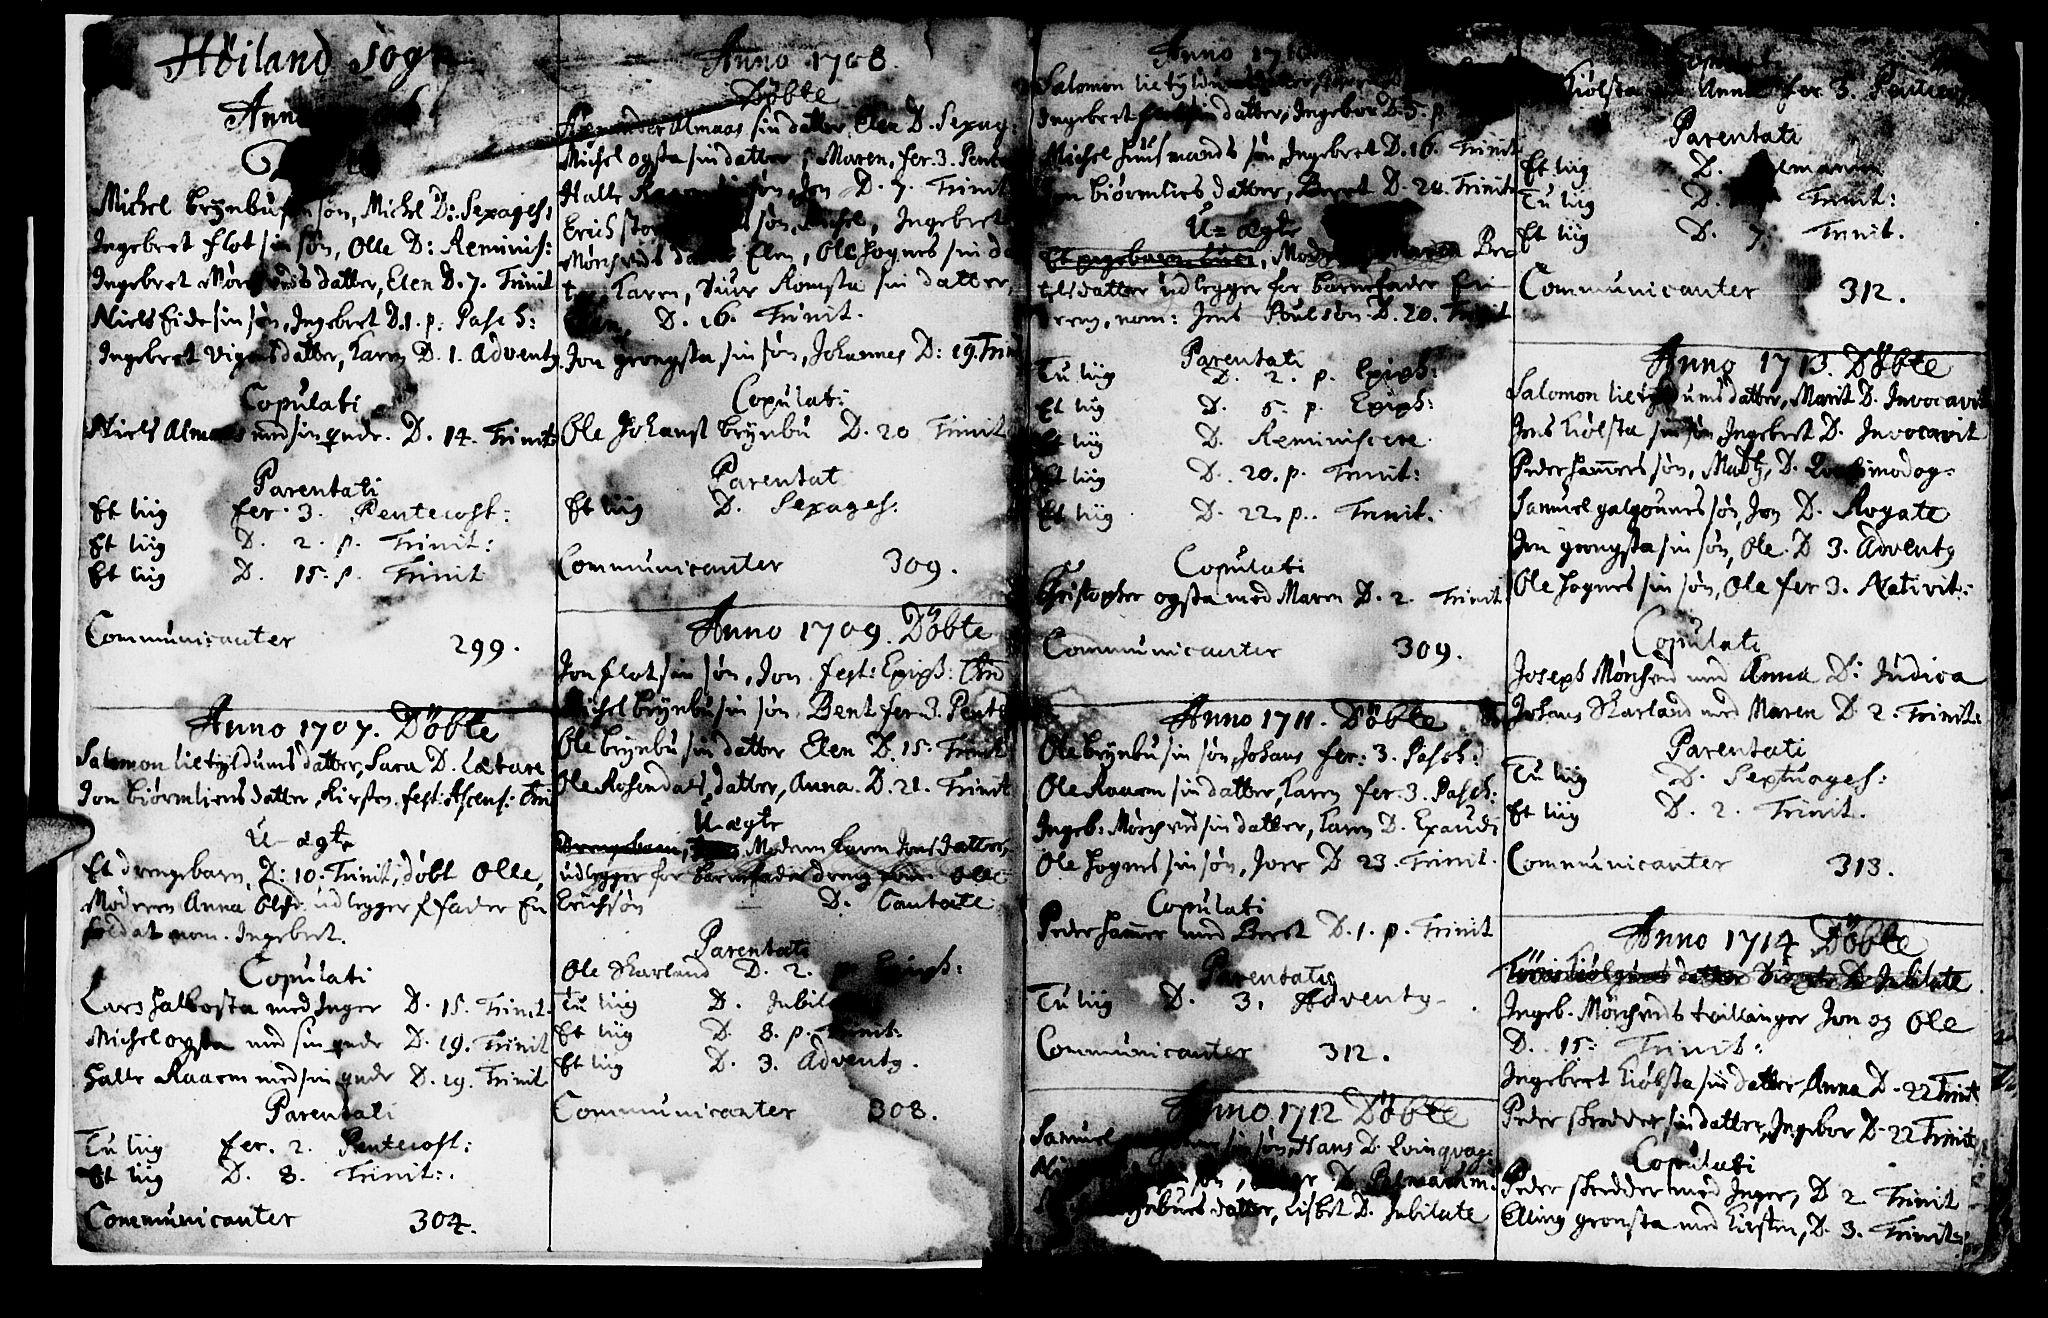 SAT, Ministerialprotokoller, klokkerbøker og fødselsregistre - Nord-Trøndelag, 765/L0560: Ministerialbok nr. 765A01, 1706-1748, s. 2